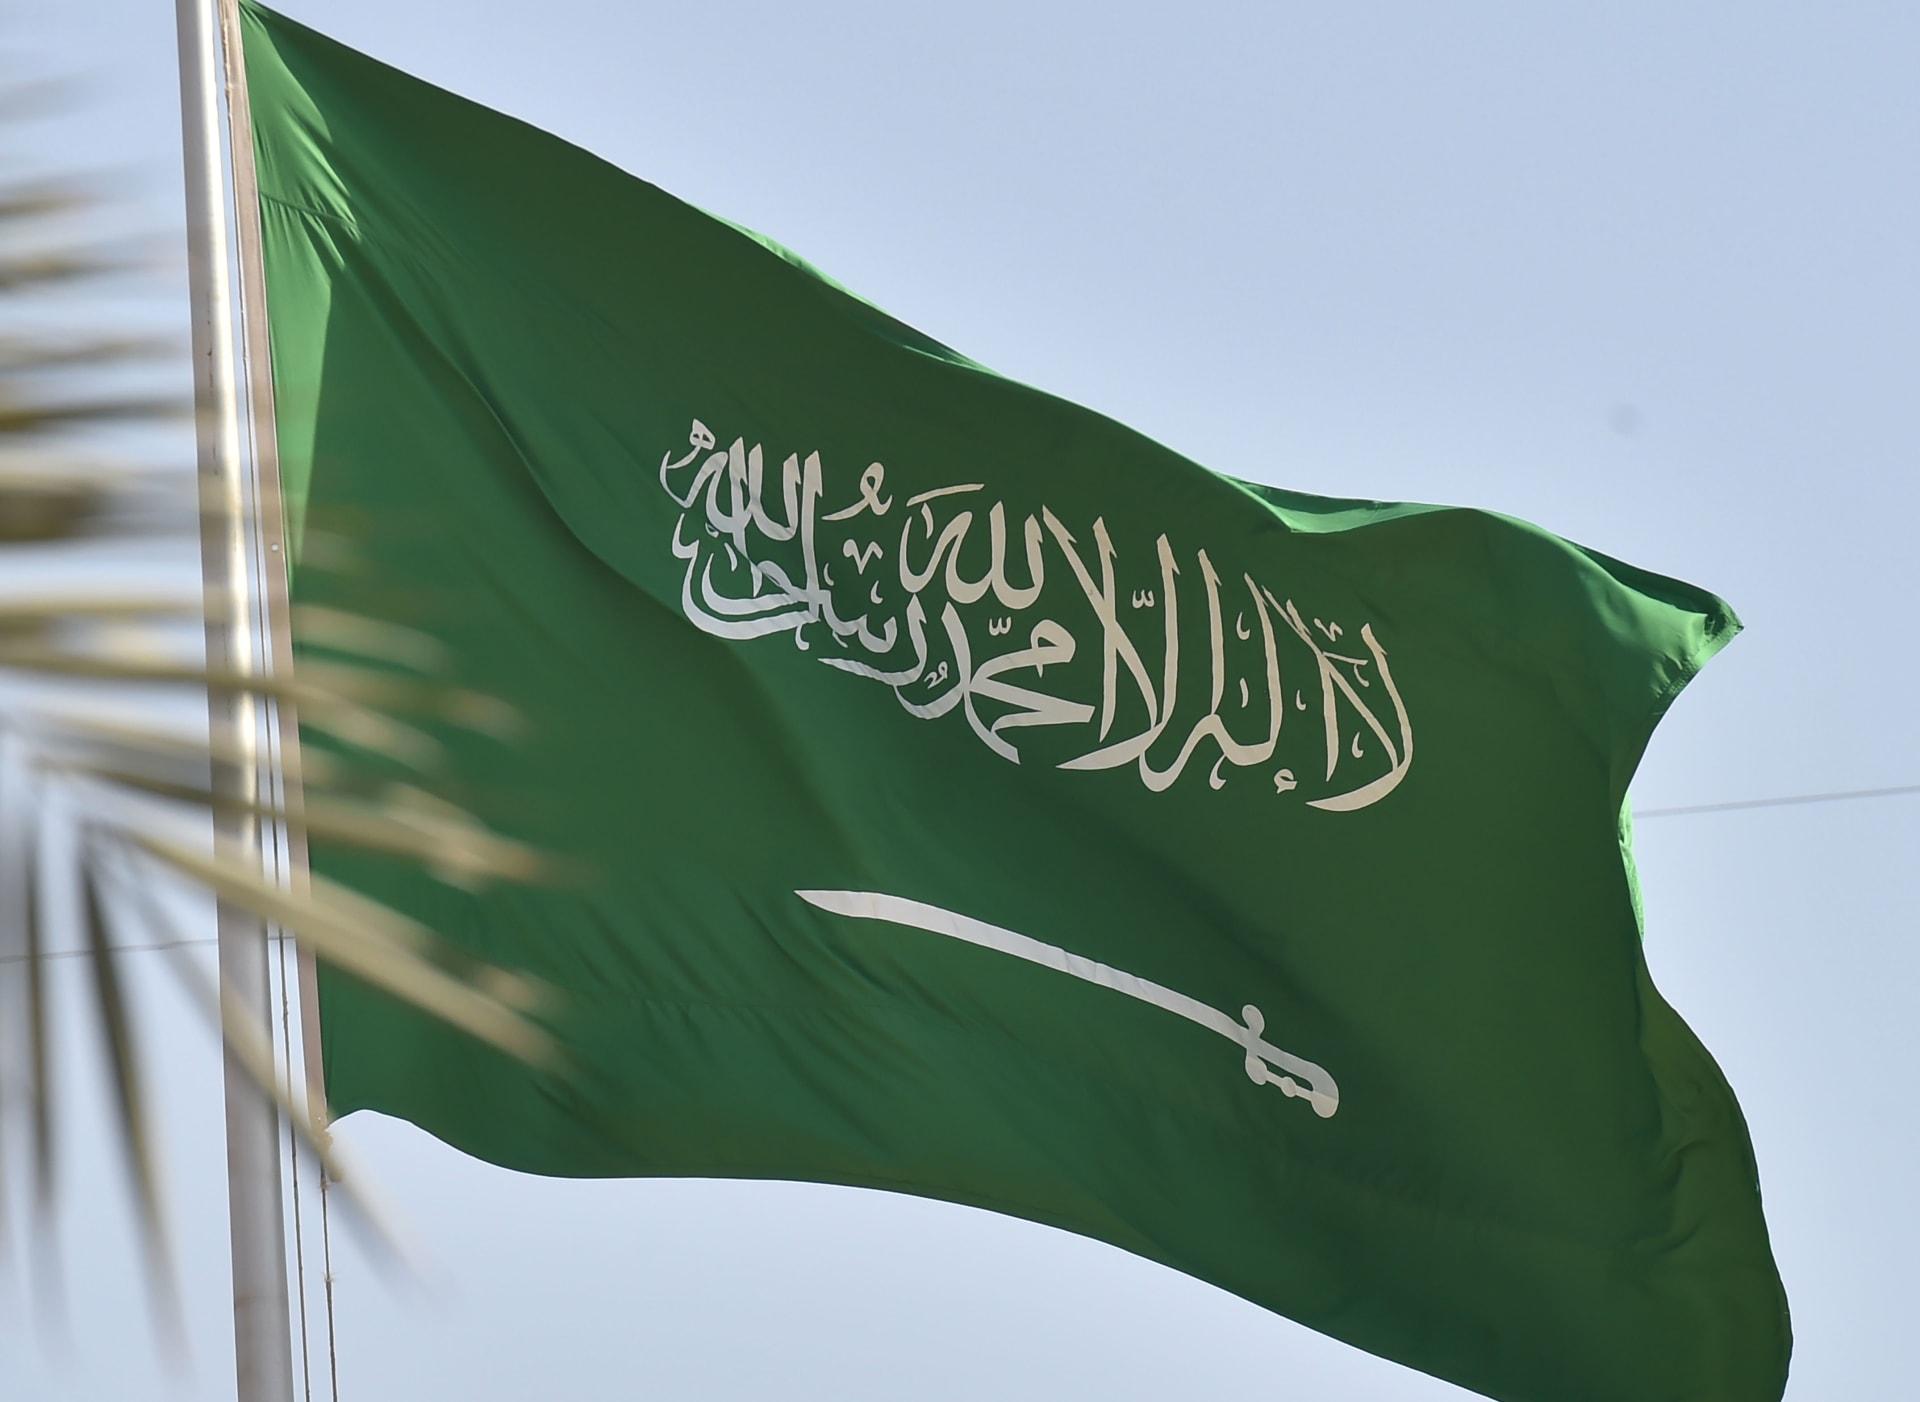 تداول فيديو لشخص يتحدى الشرطة السعودية أن تصل إليه.. هذا ما حدث له